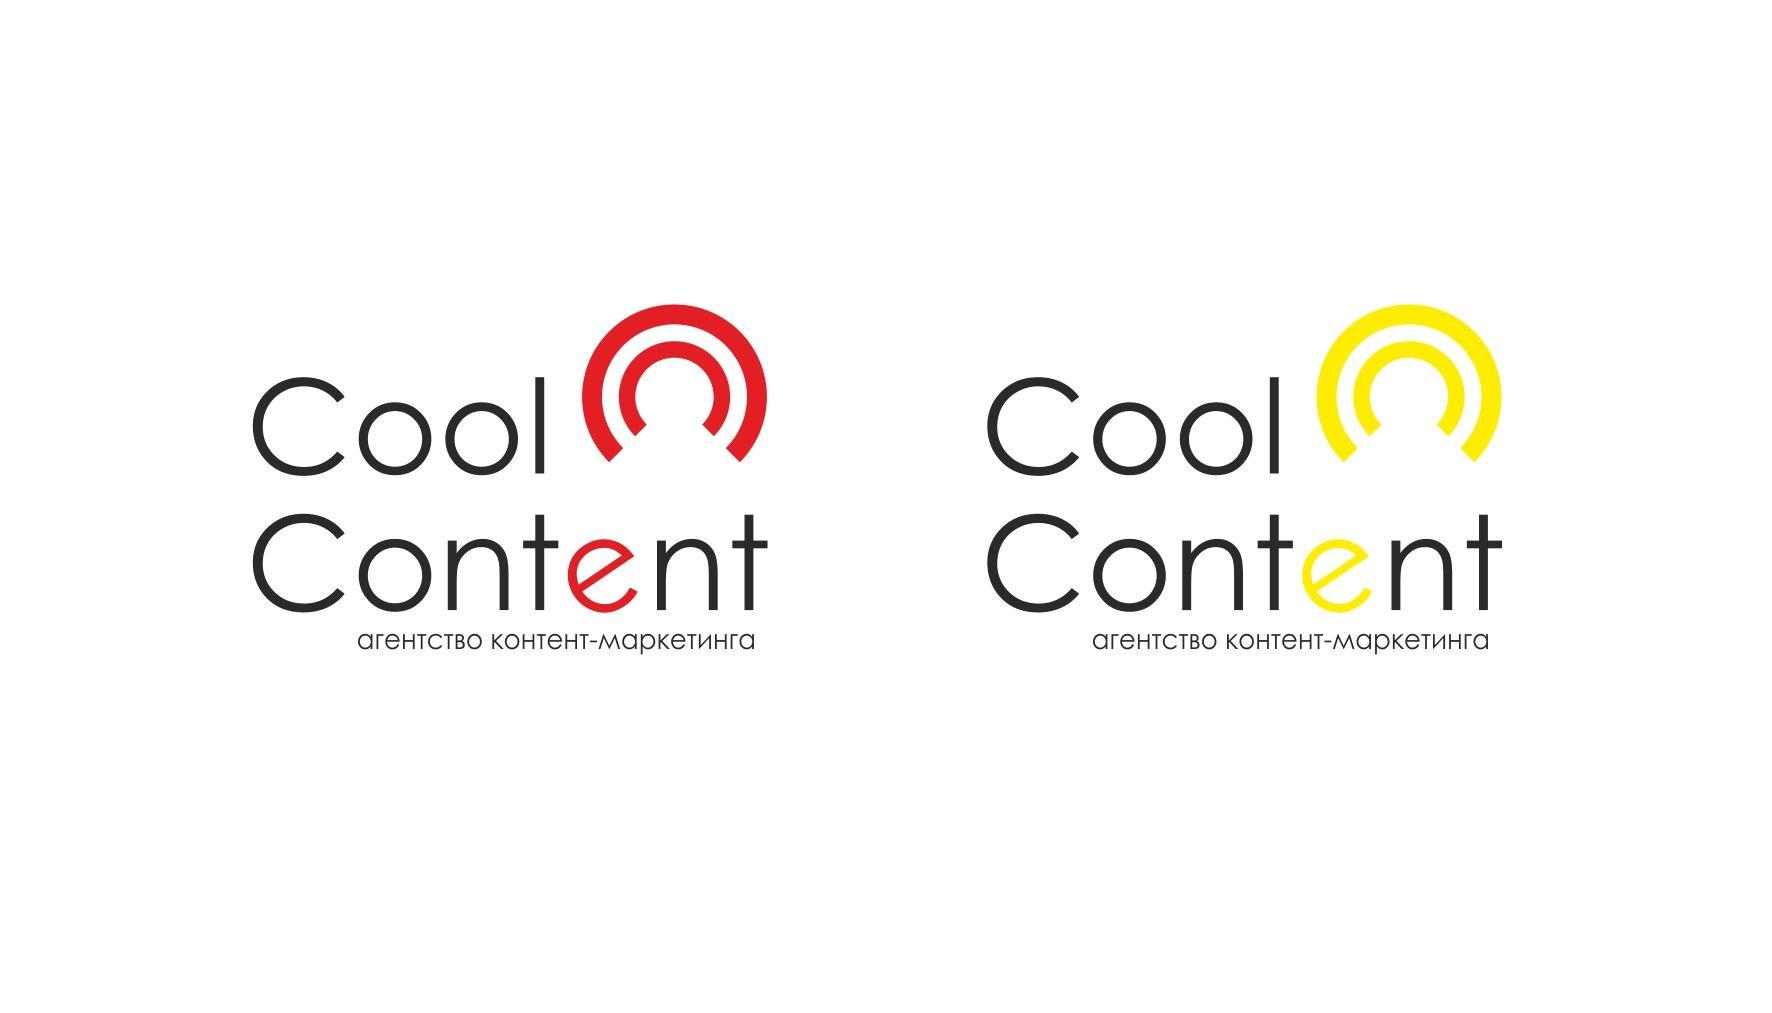 Лого для агентства Cool Content - дизайнер blukki